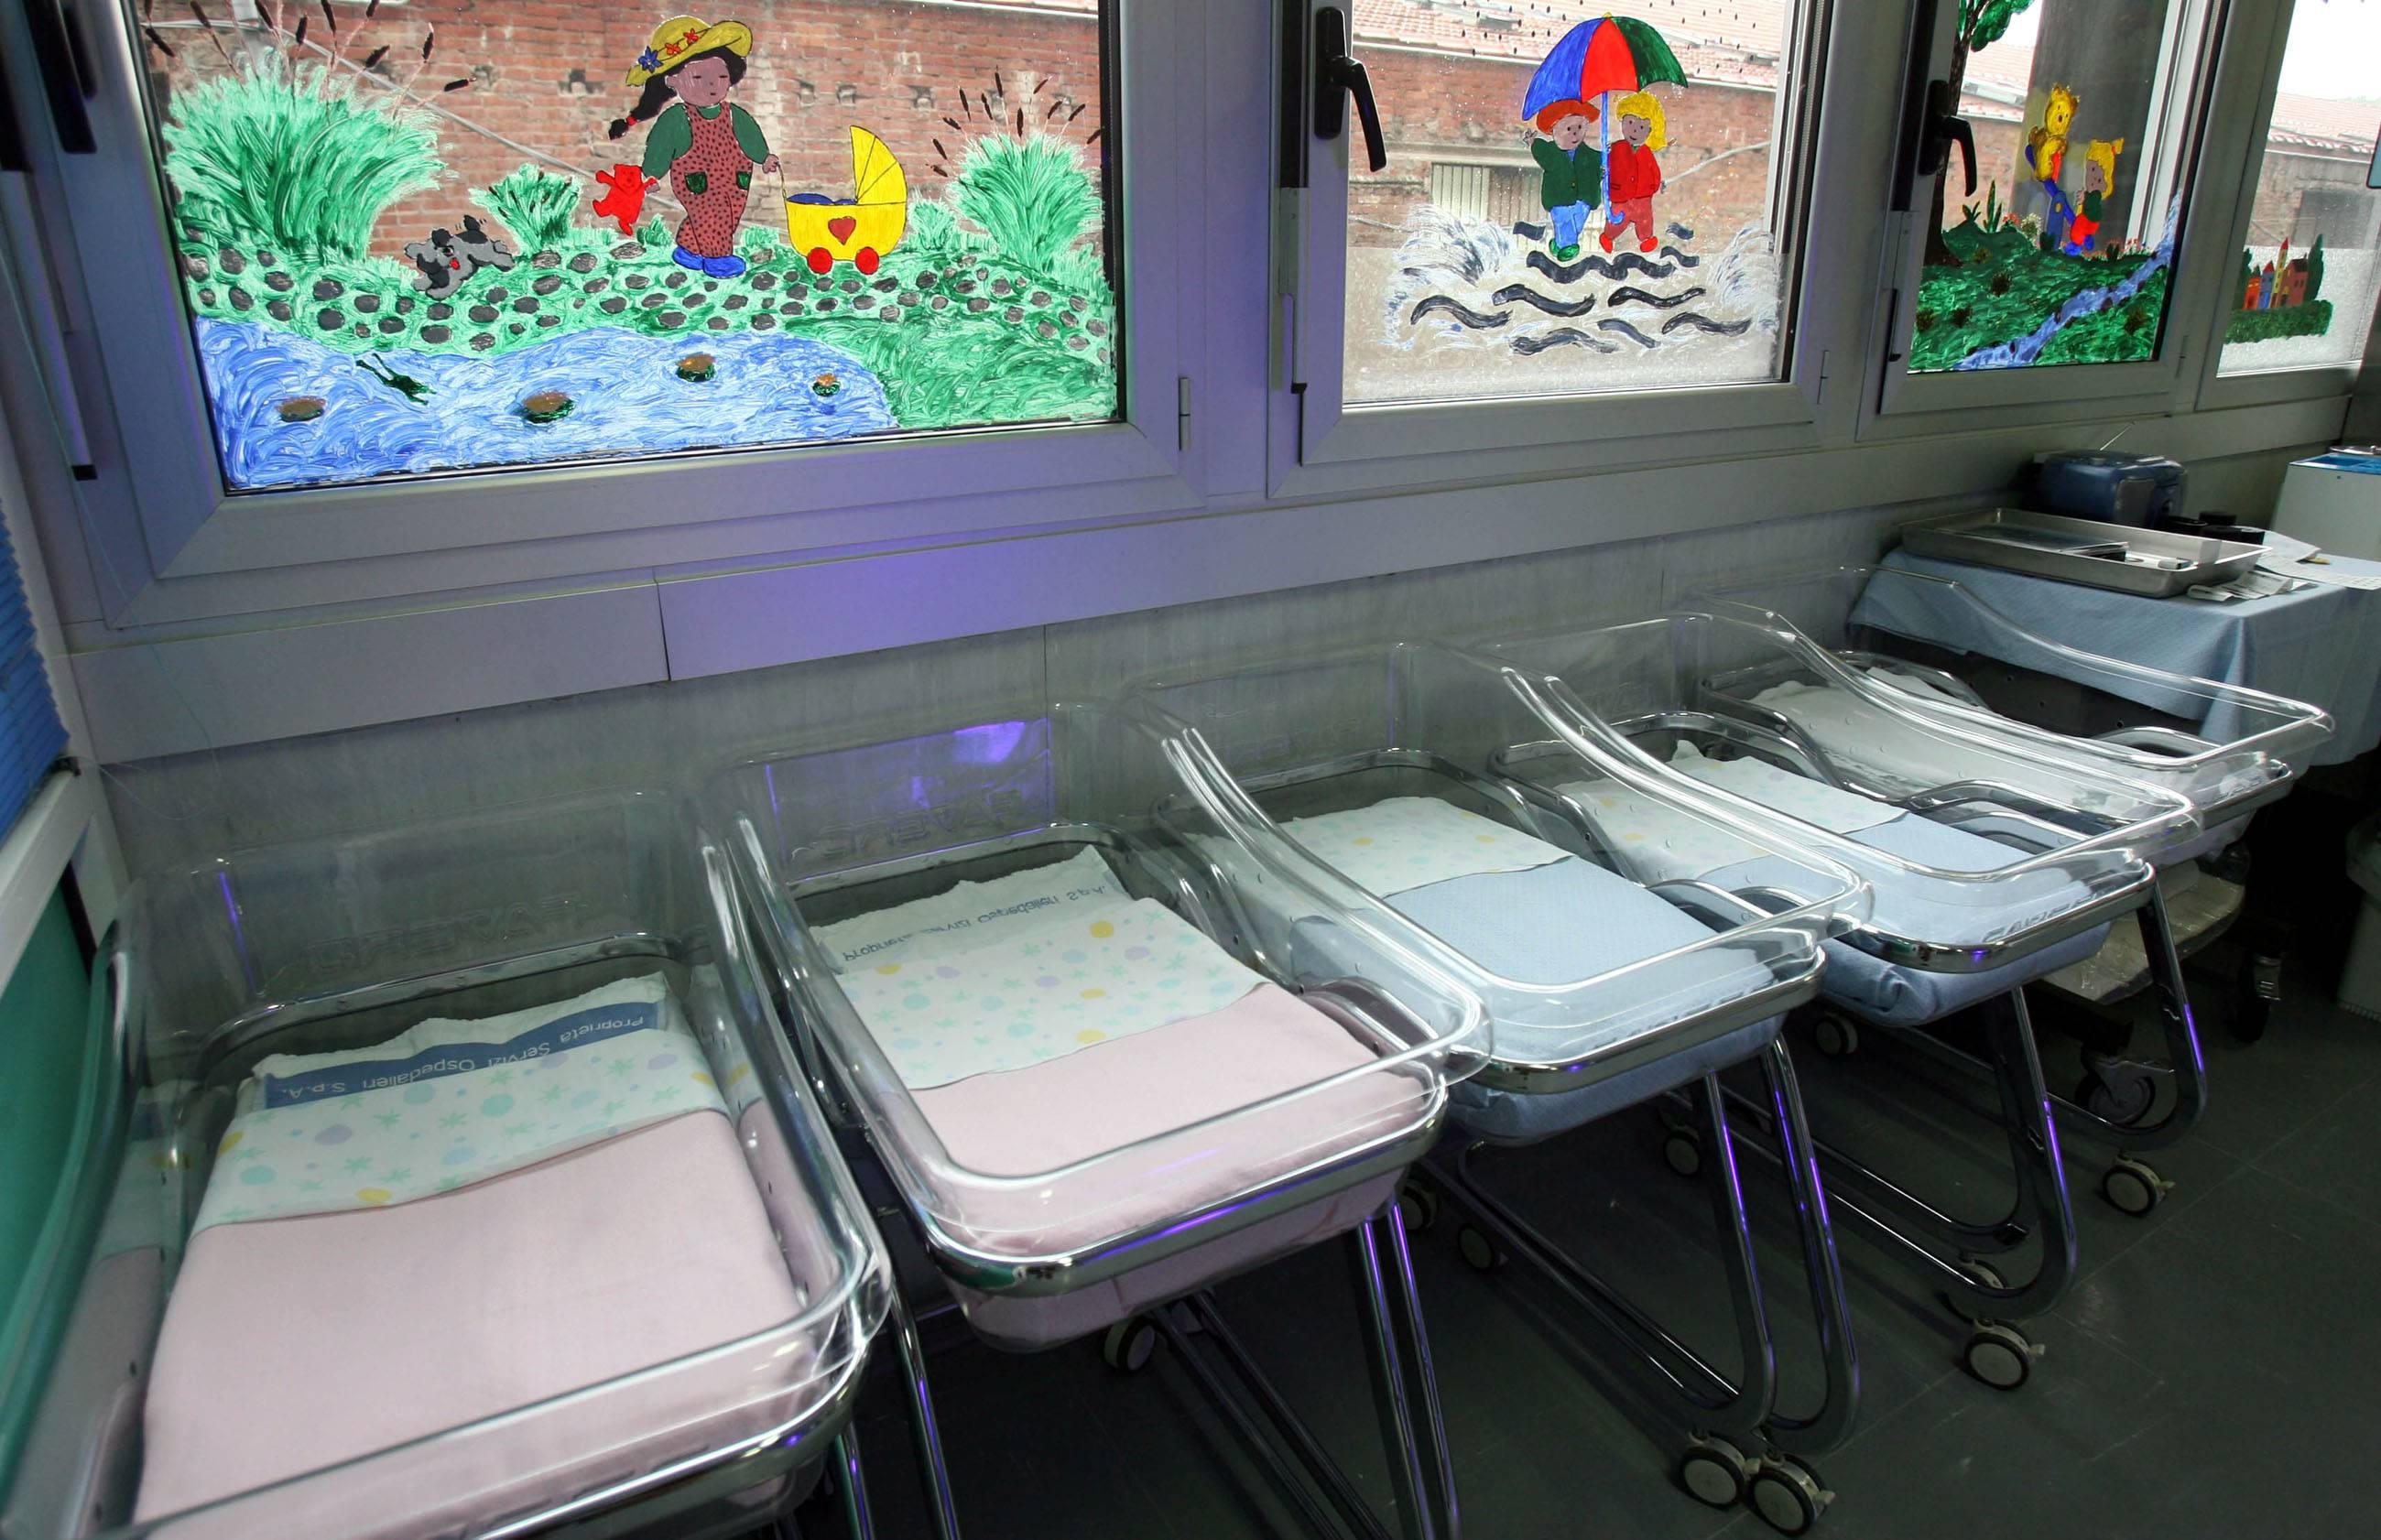 internet - culle vuote - Una foto d'archivio delle culle vuote in un reparto di ostetricia. Un reparto di ostetricia che viene chiuso dai Nas nel 2009 ed un'ambulanza che non c'e': sono le premesse da cui origina un nuovo caso di malasanità in Calabria con la morte di una neonata nell'ospedale di Rossano. ANSA/FRANCO SILVI /GID